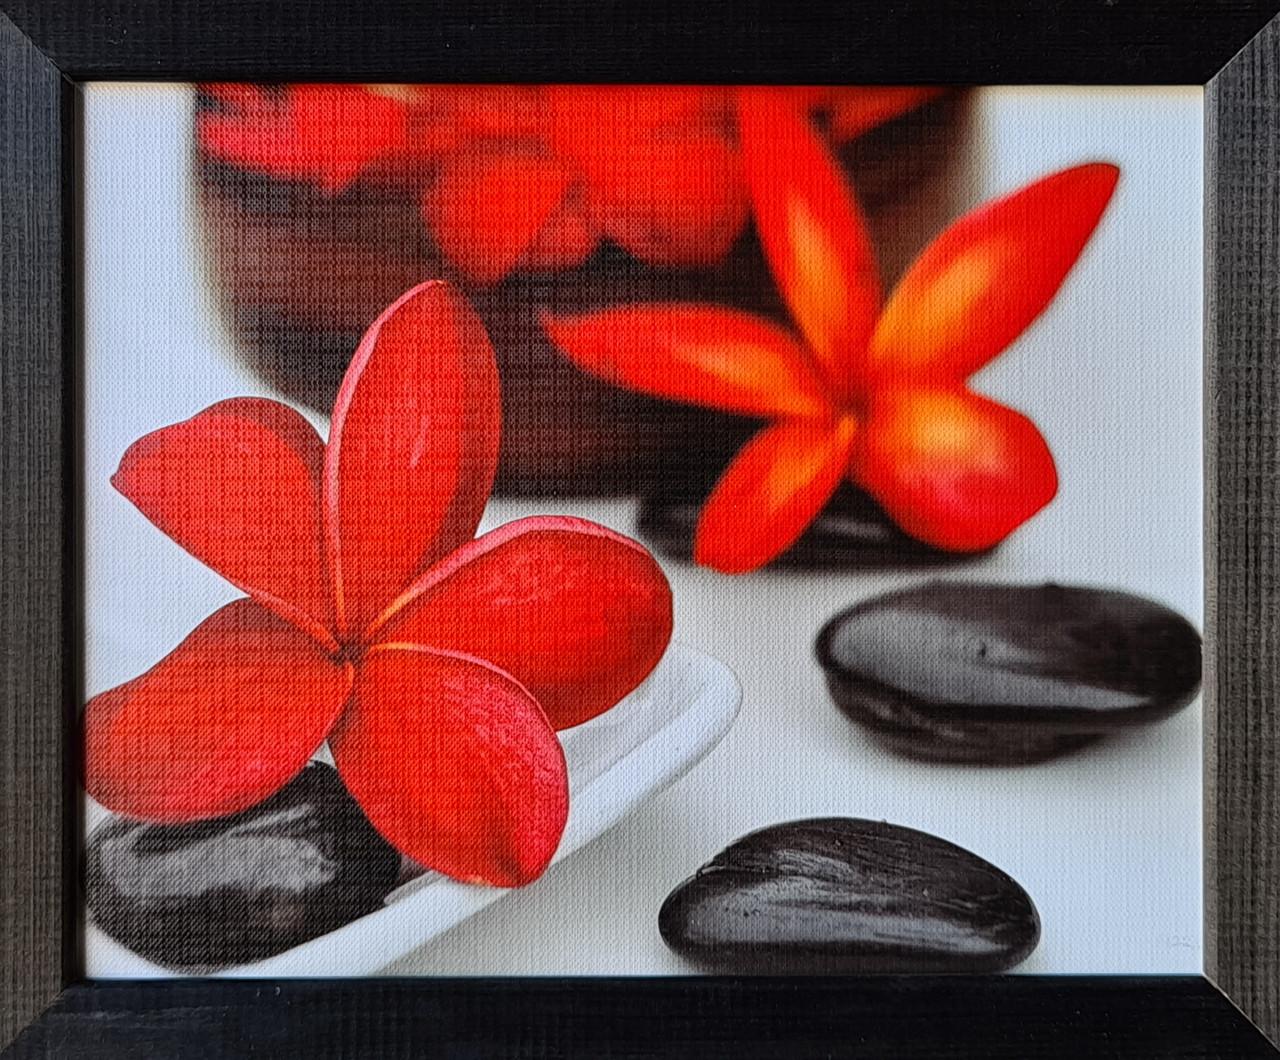 """Фотокартина в деревянной раме """"Flower and stone 4"""", 20х25 см"""